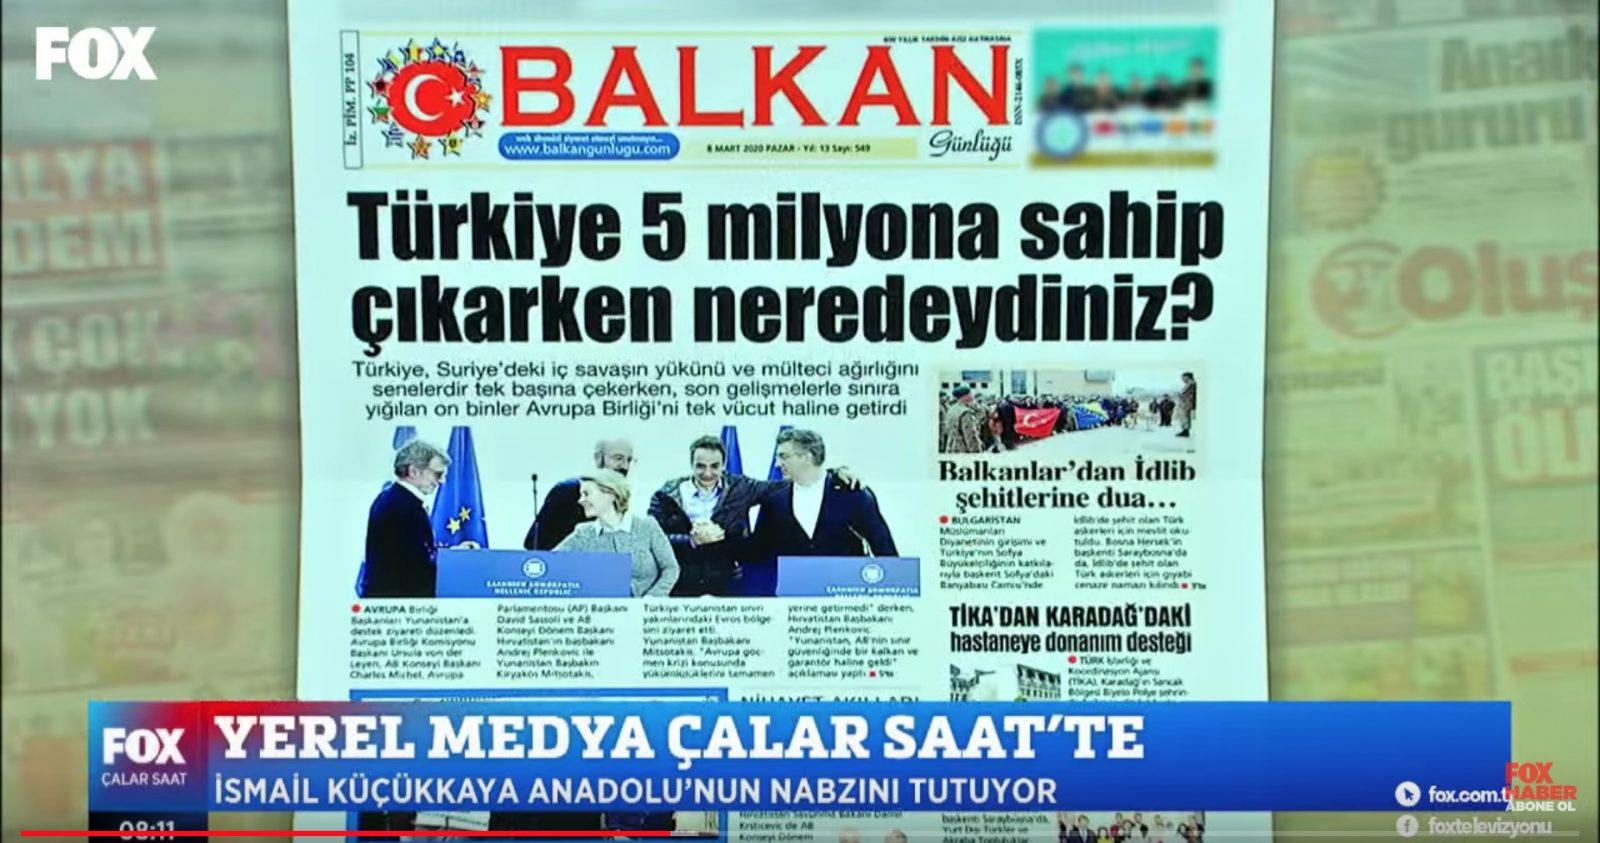 Balkan Günlüğü Gazetemiz artık FOX TV'de